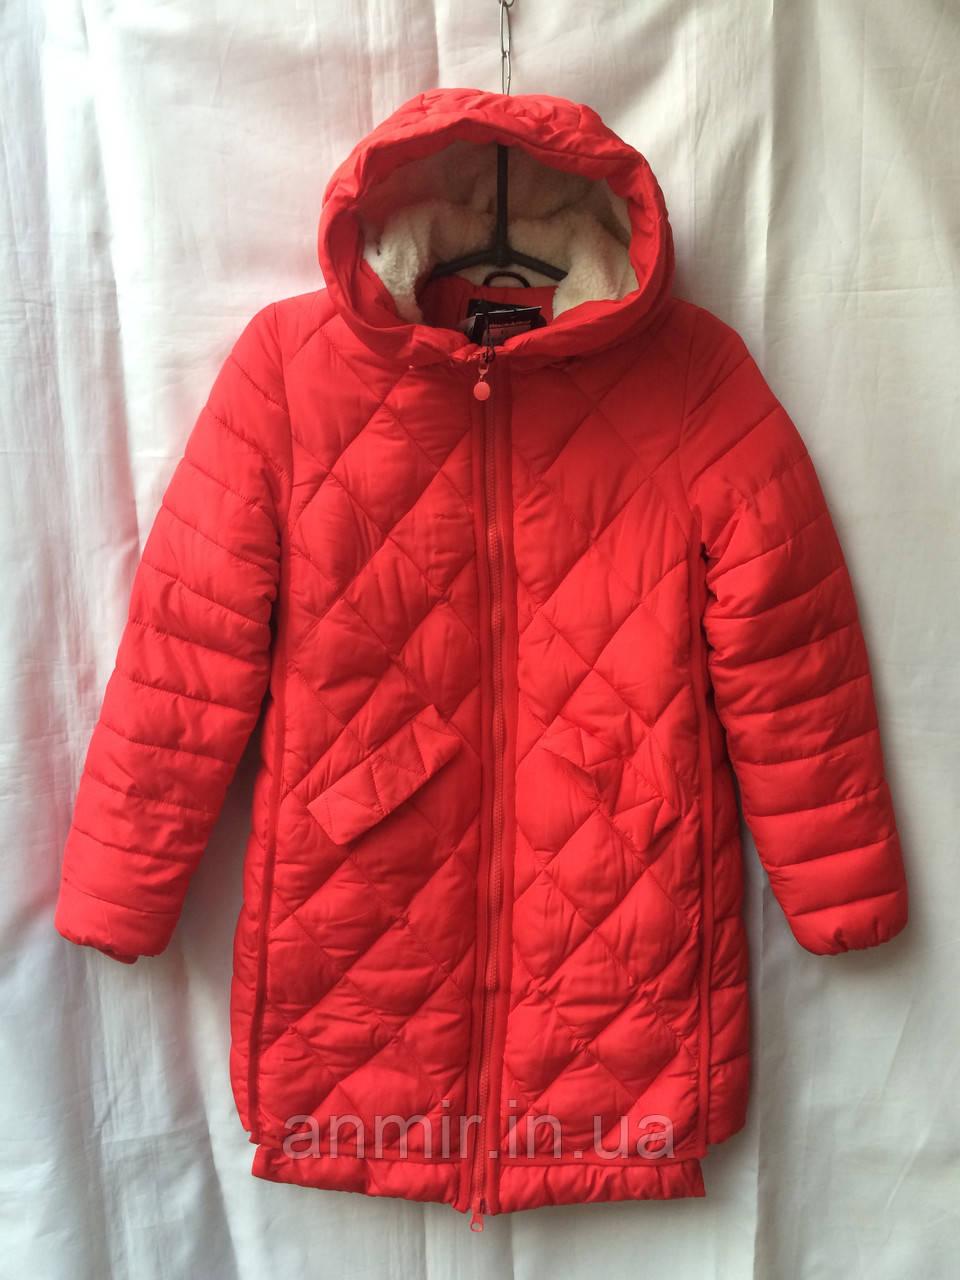 Полу-пальто  зимнее для девочки  8-12 лет,красное, фото 1